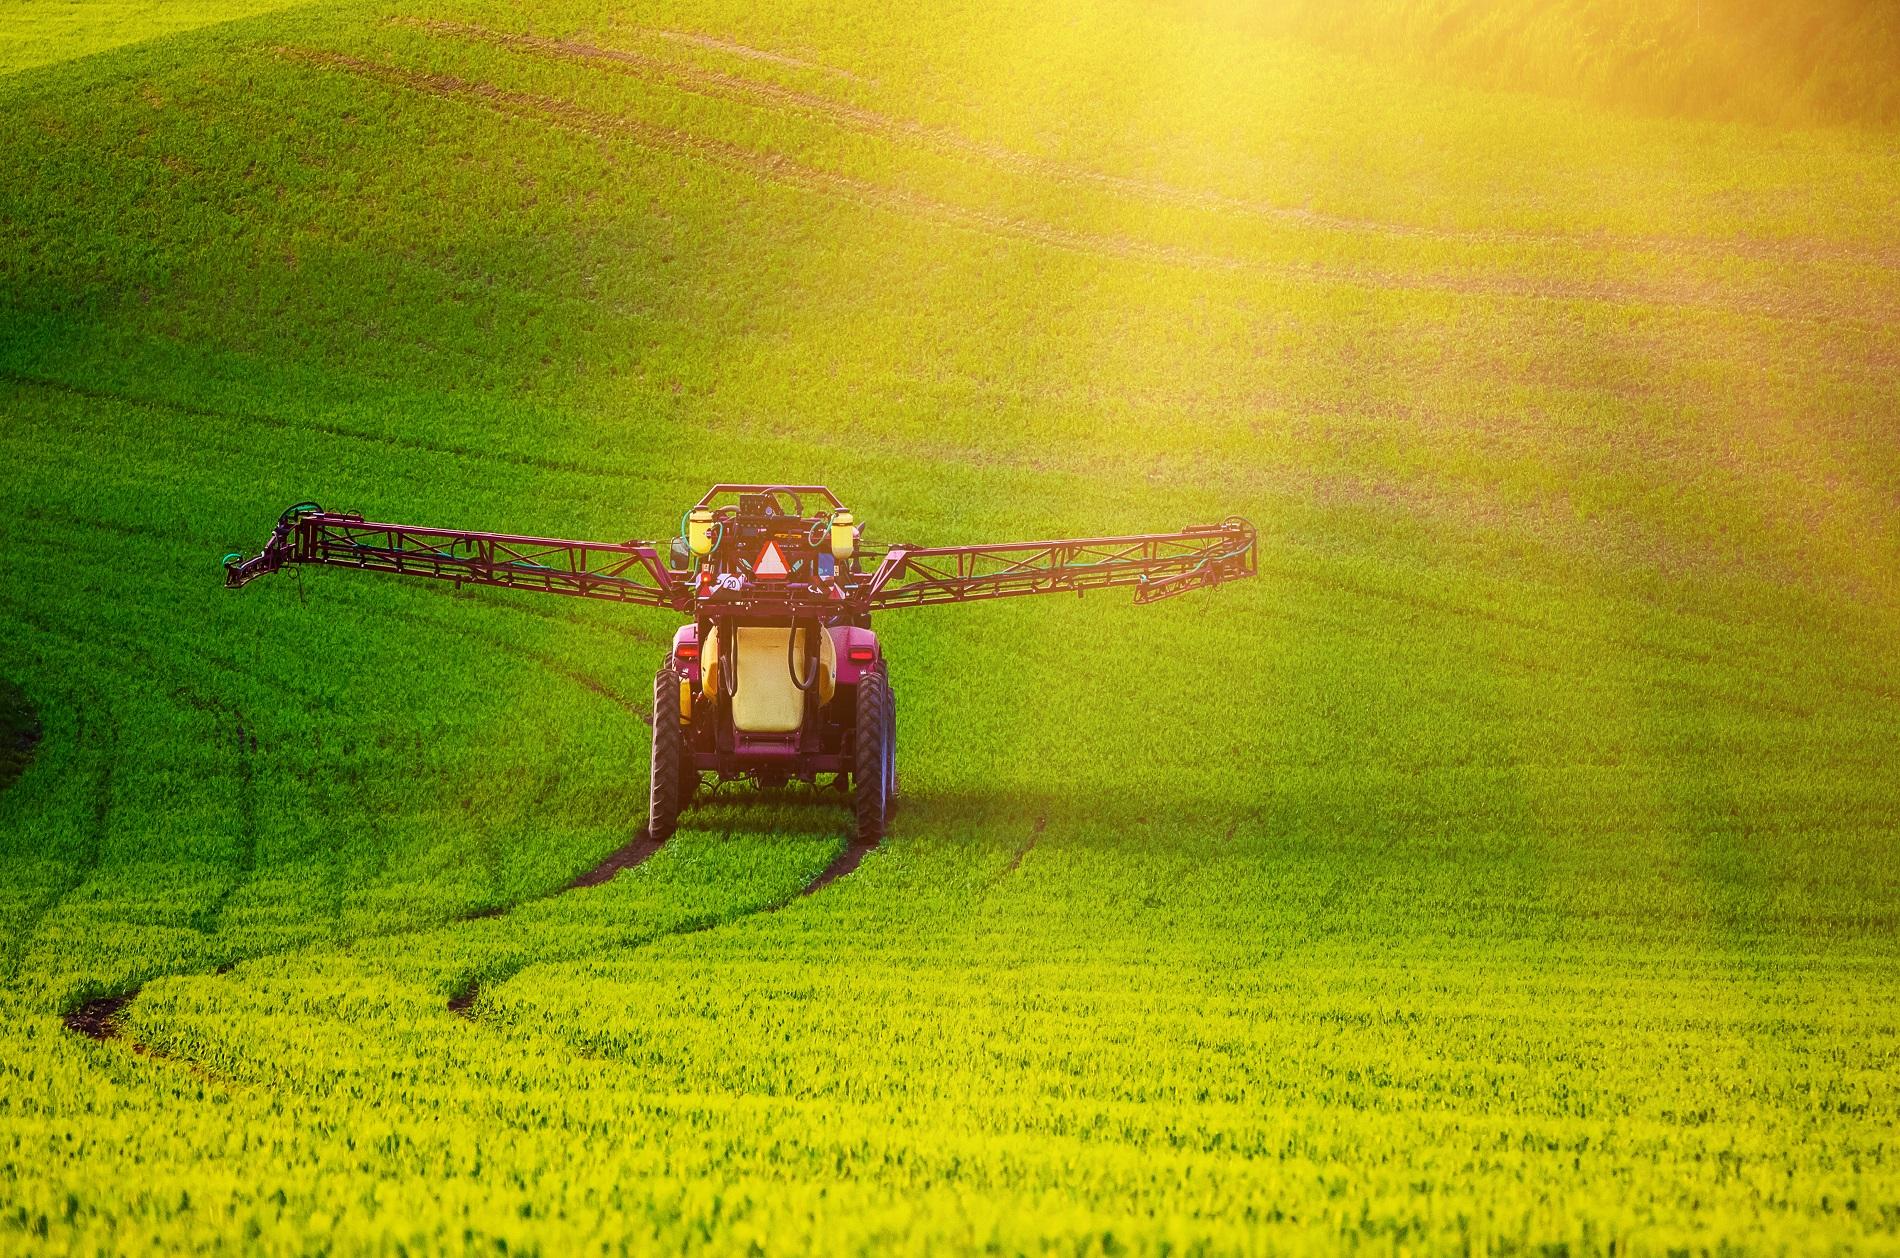 Caminando juntos hacia un futuro mejor para la agricultura